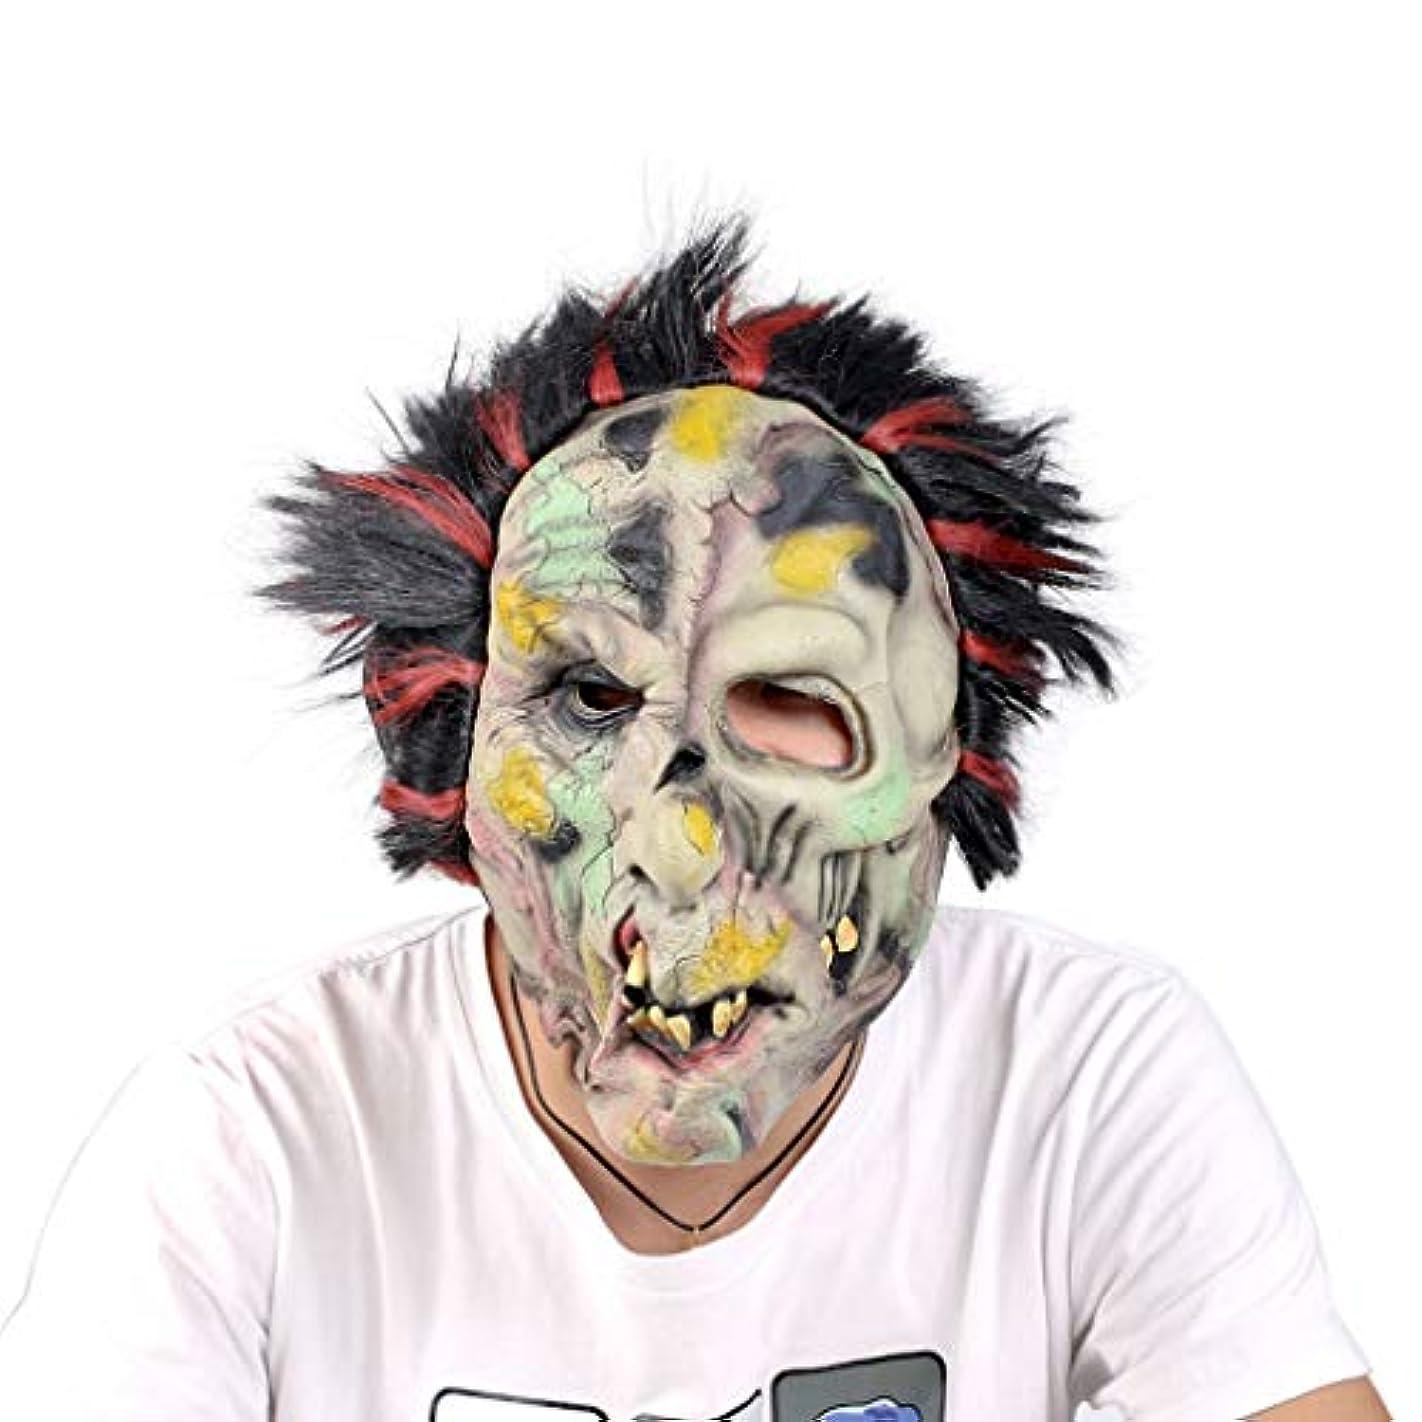 もちろんライド化石ハロウィンホラーマスクお化け屋敷秘密の部屋アレンジメントパーティー映画撮影ホラー全体の人々トリッキーな怖いマスク